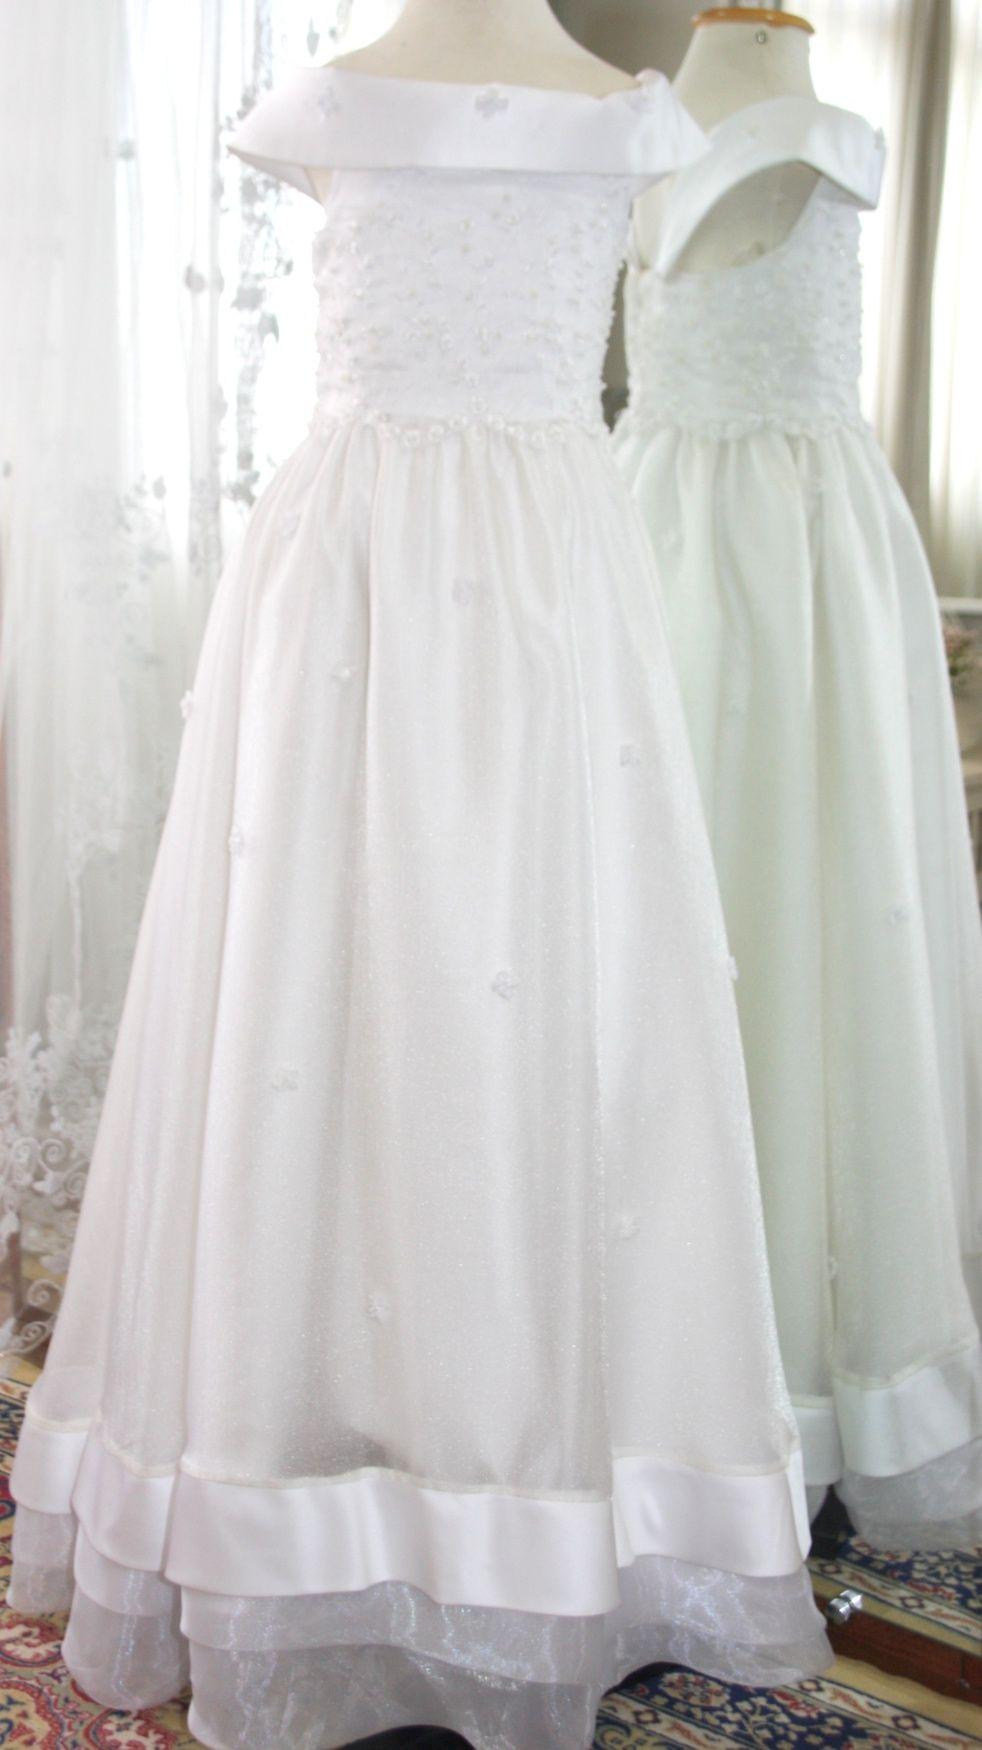 Vestidos para Daminha - 141 - Hipnose Alta Costura e Spa para Noivas e Noivos - Campinas - SP Vestido de Daminha, Vestido para Daminha de Casamento, Hipnose Alta Costura